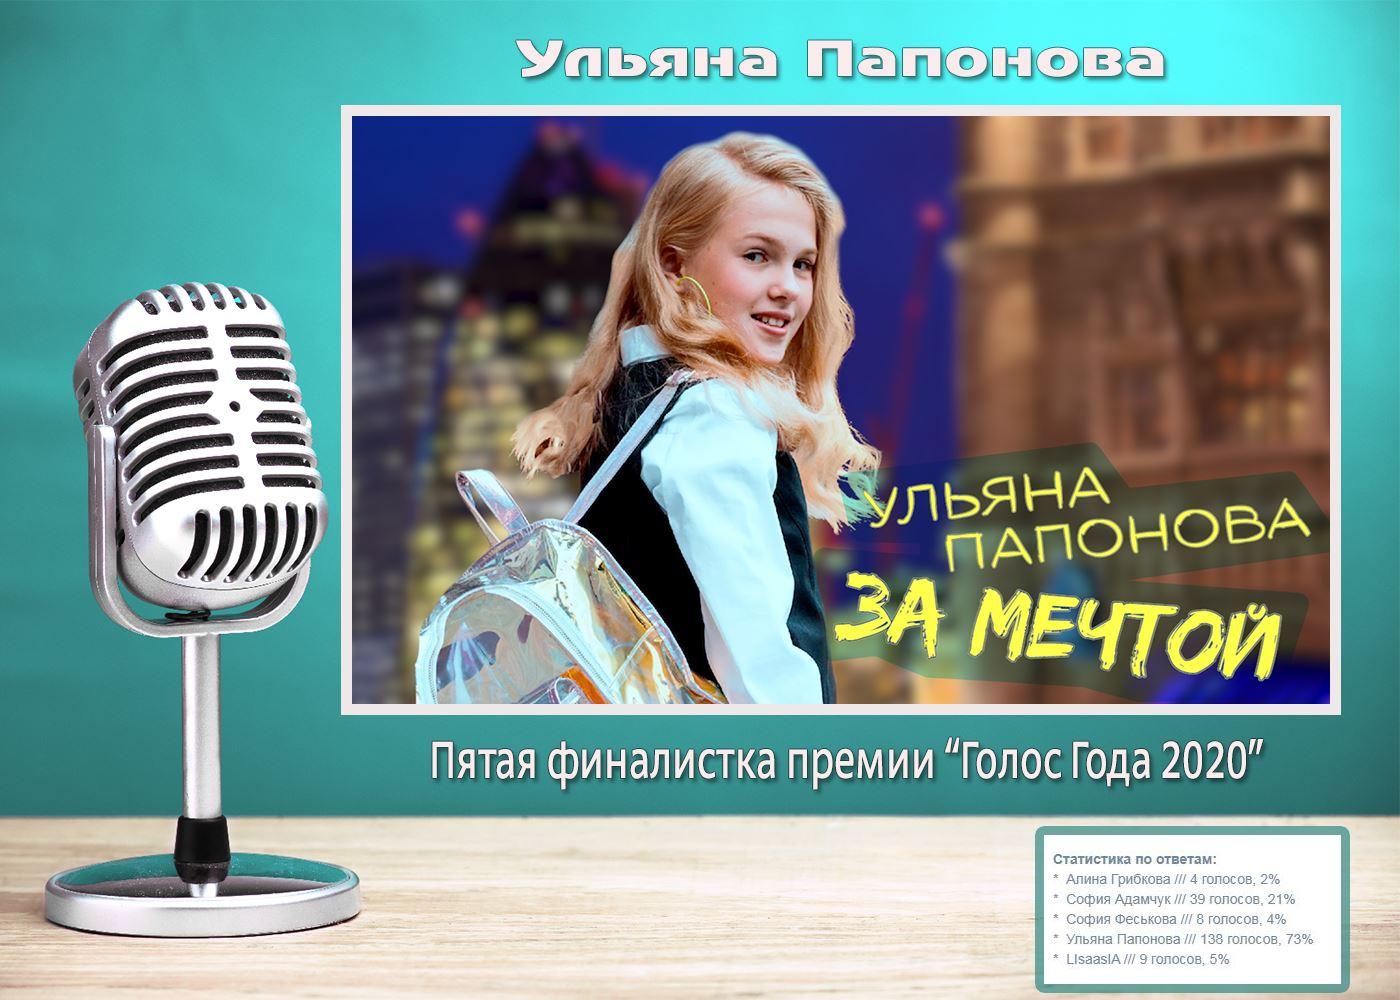 Ульяна Папонова, финалистка премии Голос Года 2020